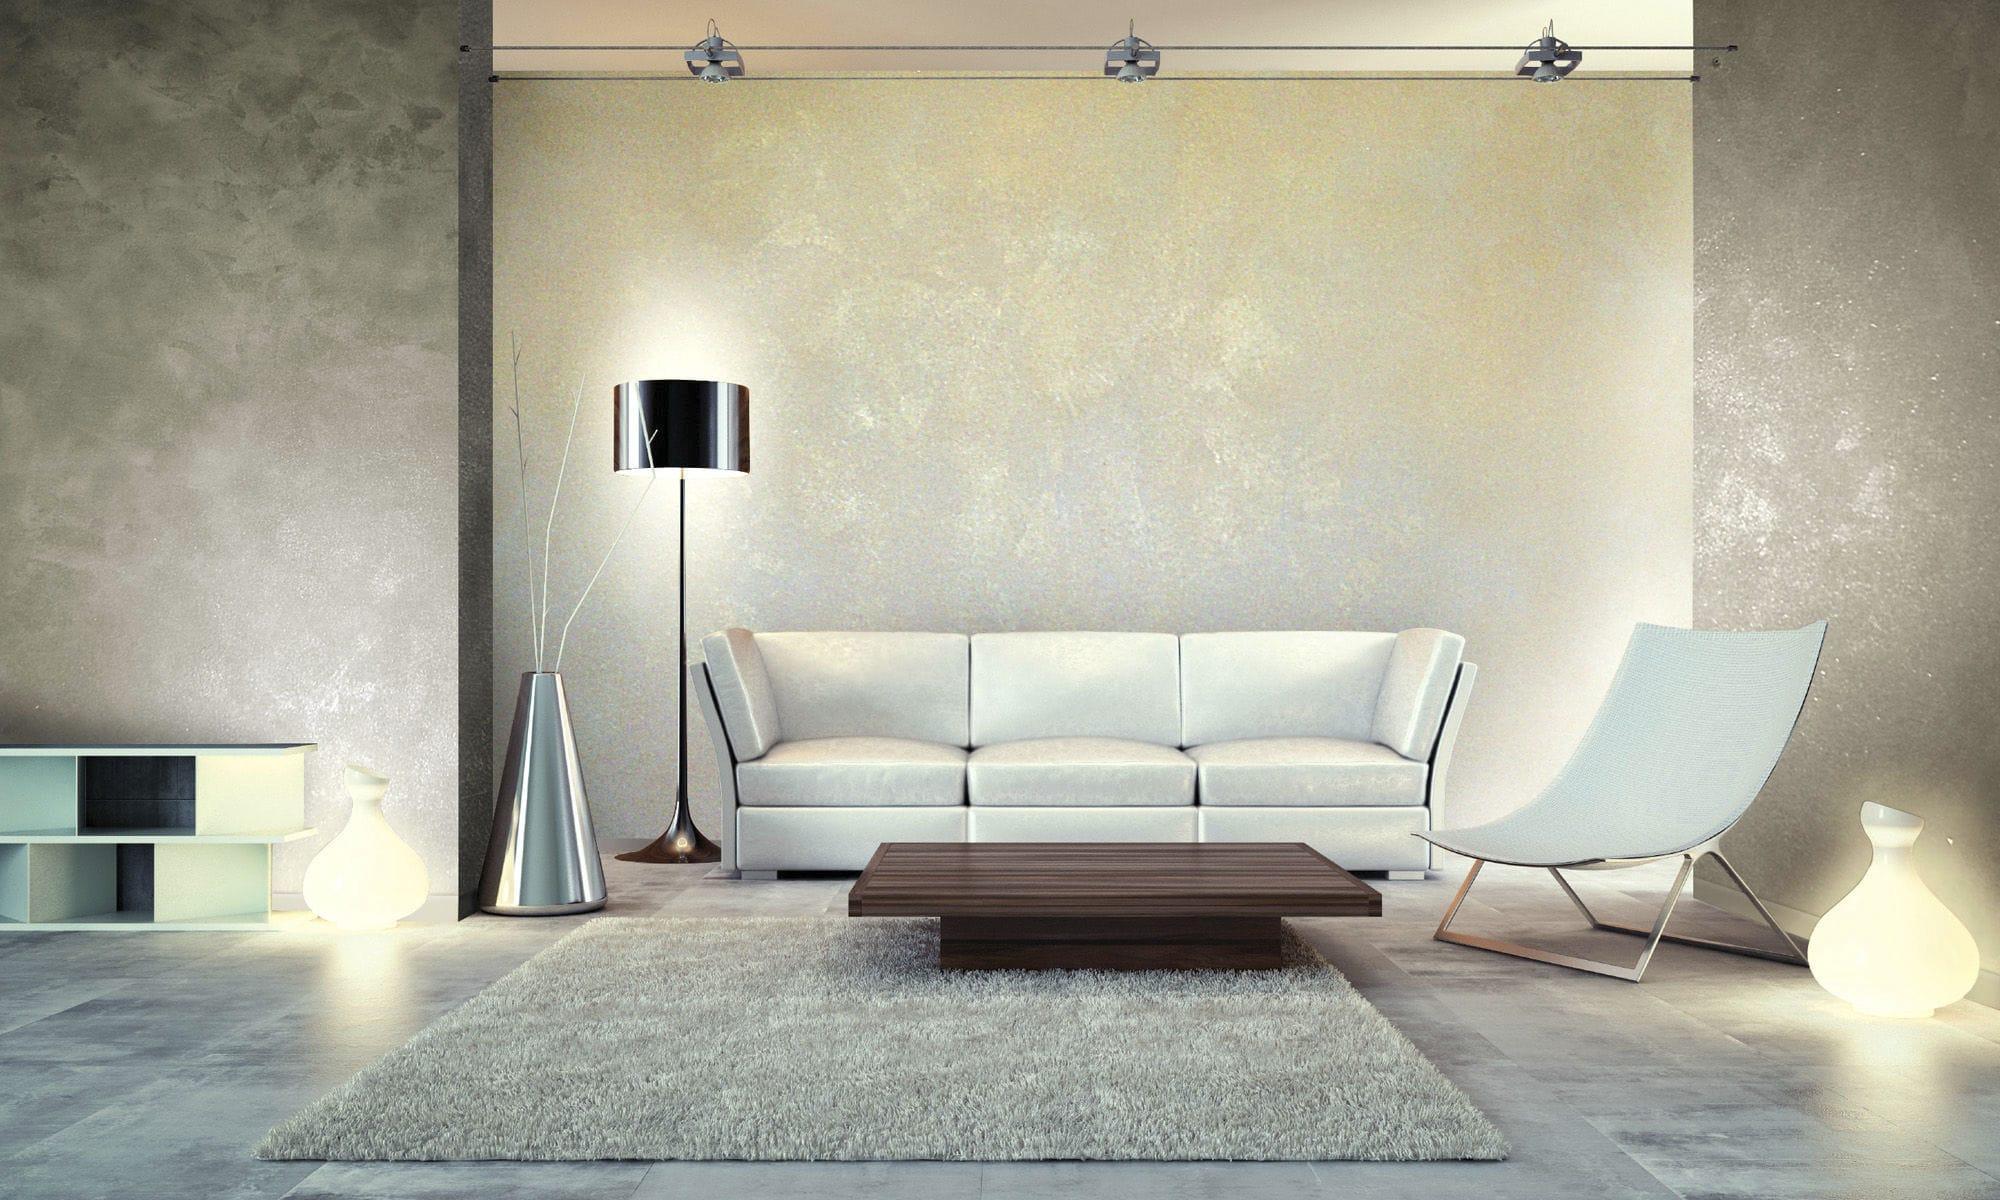 Charmant Peinture Décorative / Pour Mur / Intérieure / Acrylique   KLONDIKE LIGHT